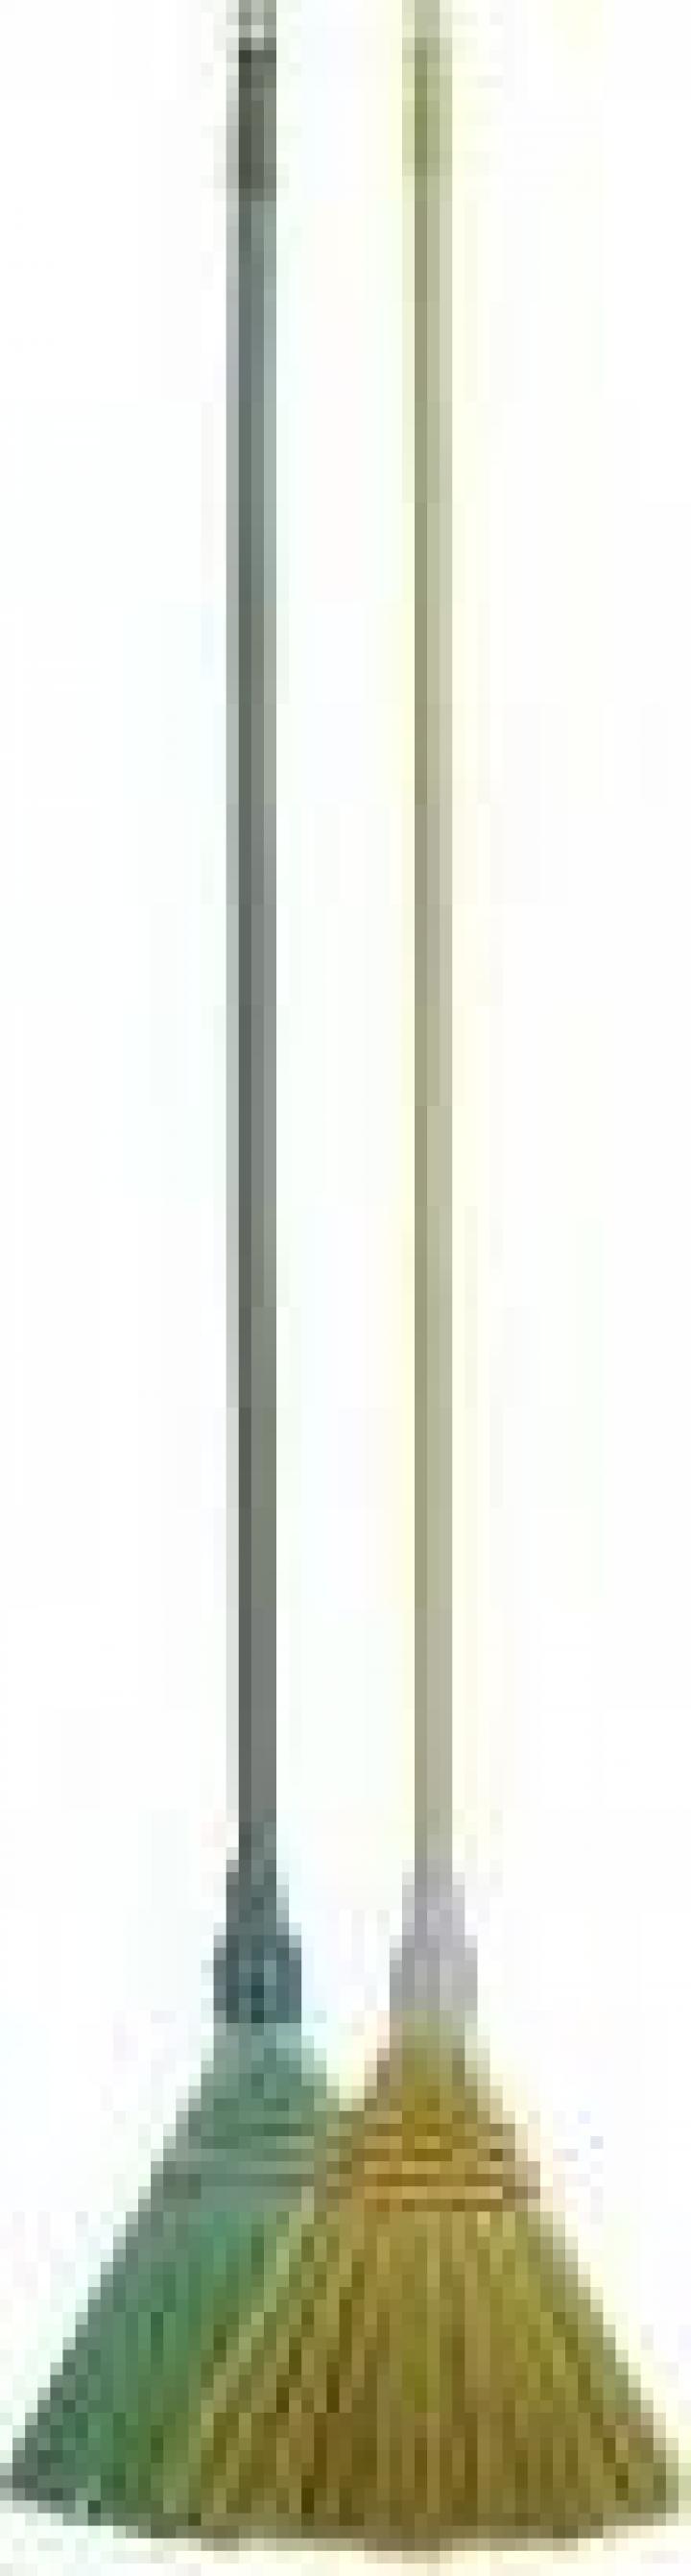 Matura Strend Pro Cleonix 3805G, verde, 148 cm, aluminiu